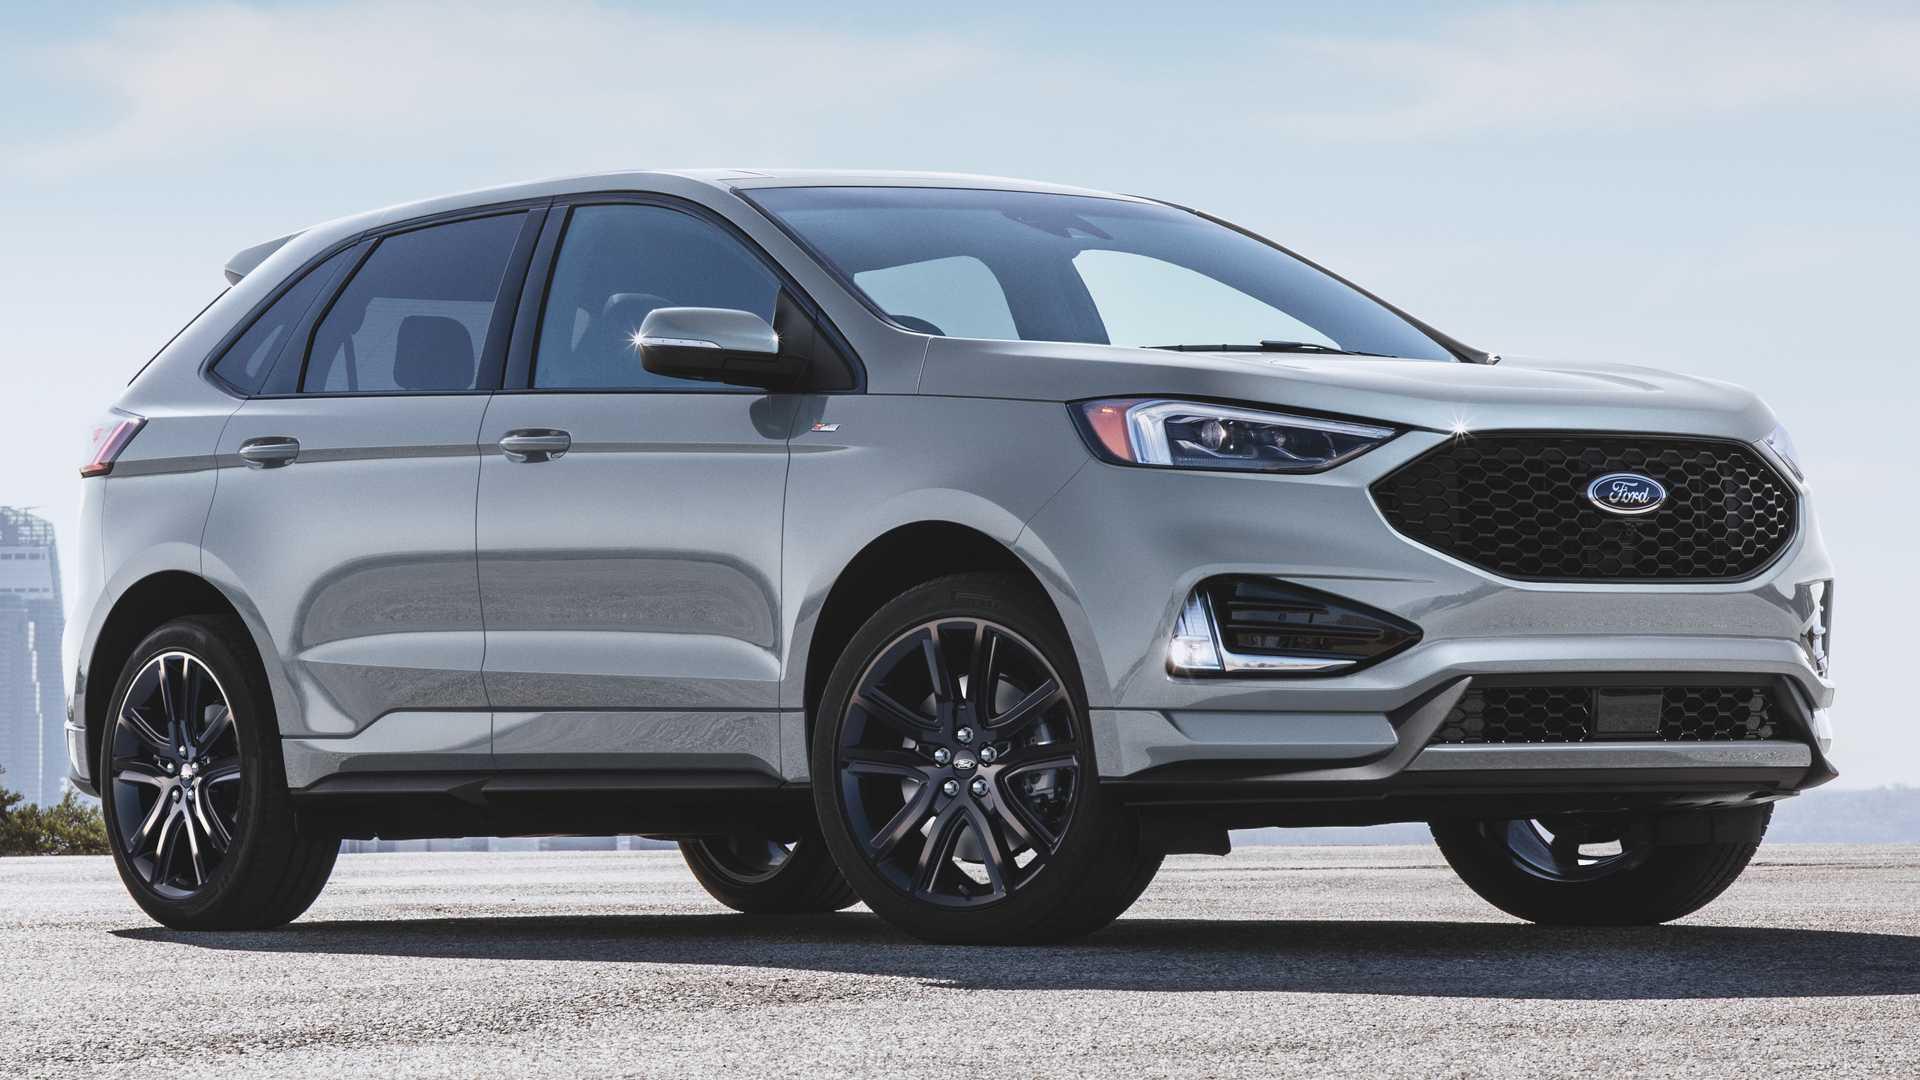 Ford Edge 2022 года будет стоить дороже Explorer после перехода на AWD-версию